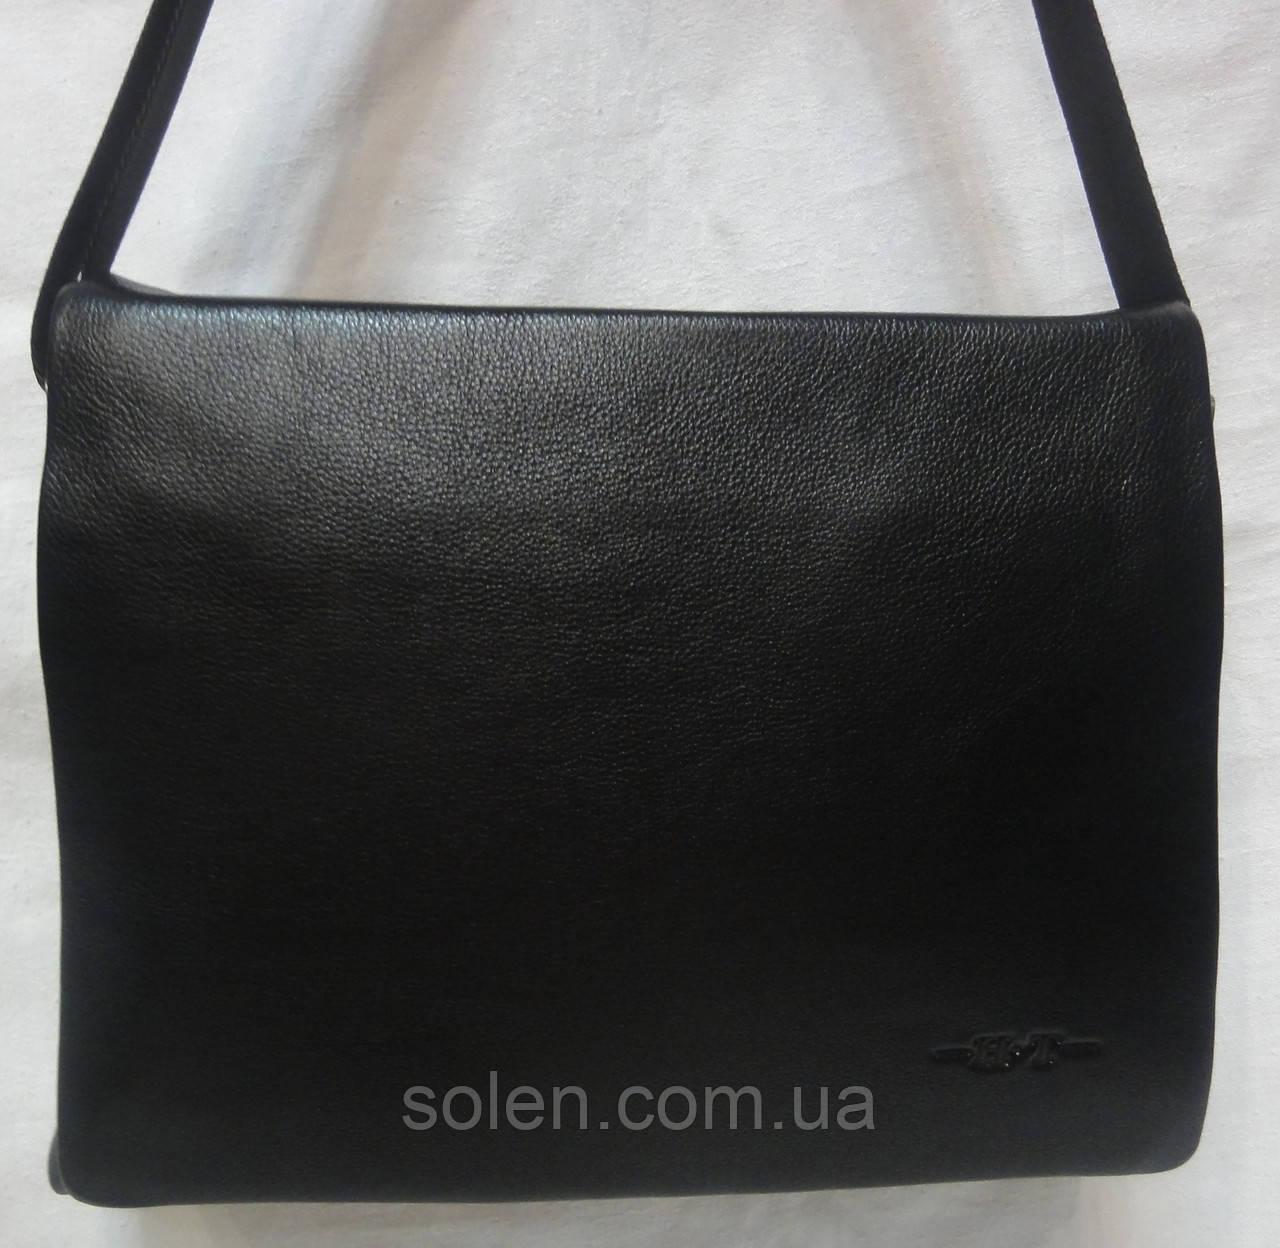 f5e312855a1c Мужская стильная кожаная сумка. - Интернет-магазин сумок Solen в Харькове